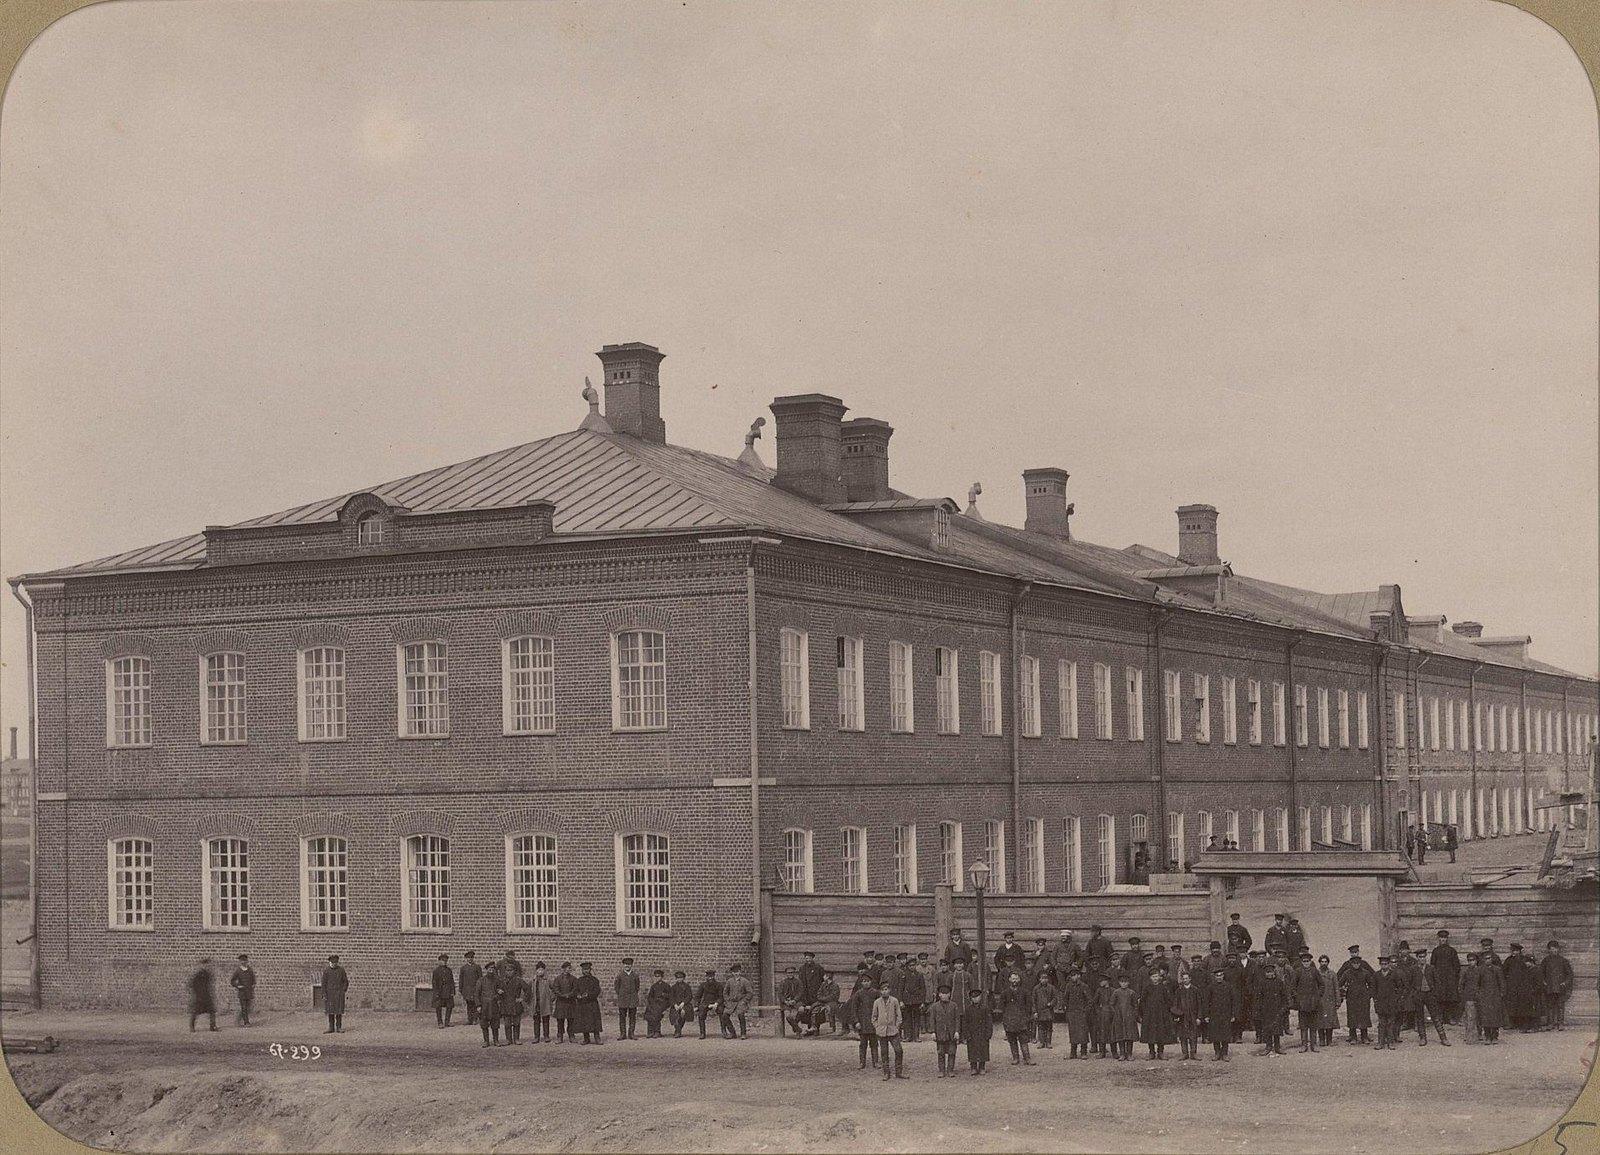 05. Рабочие фабрики на фоне спального корпуса